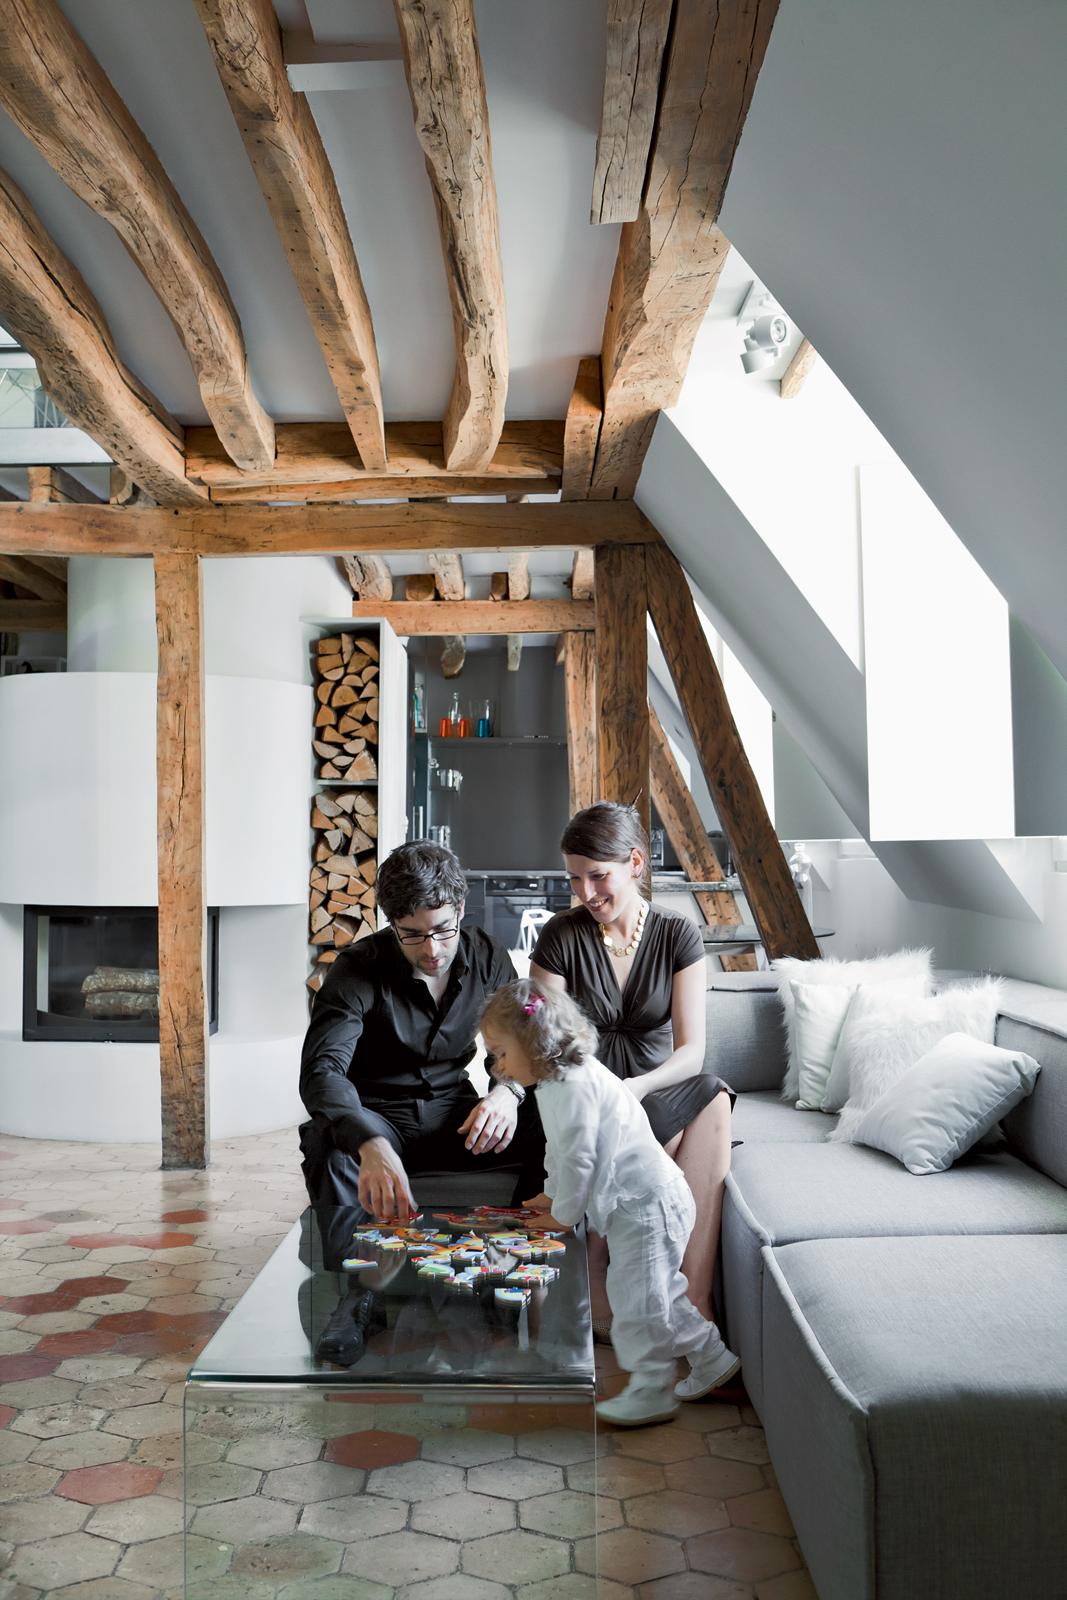 rue vignon family portrait